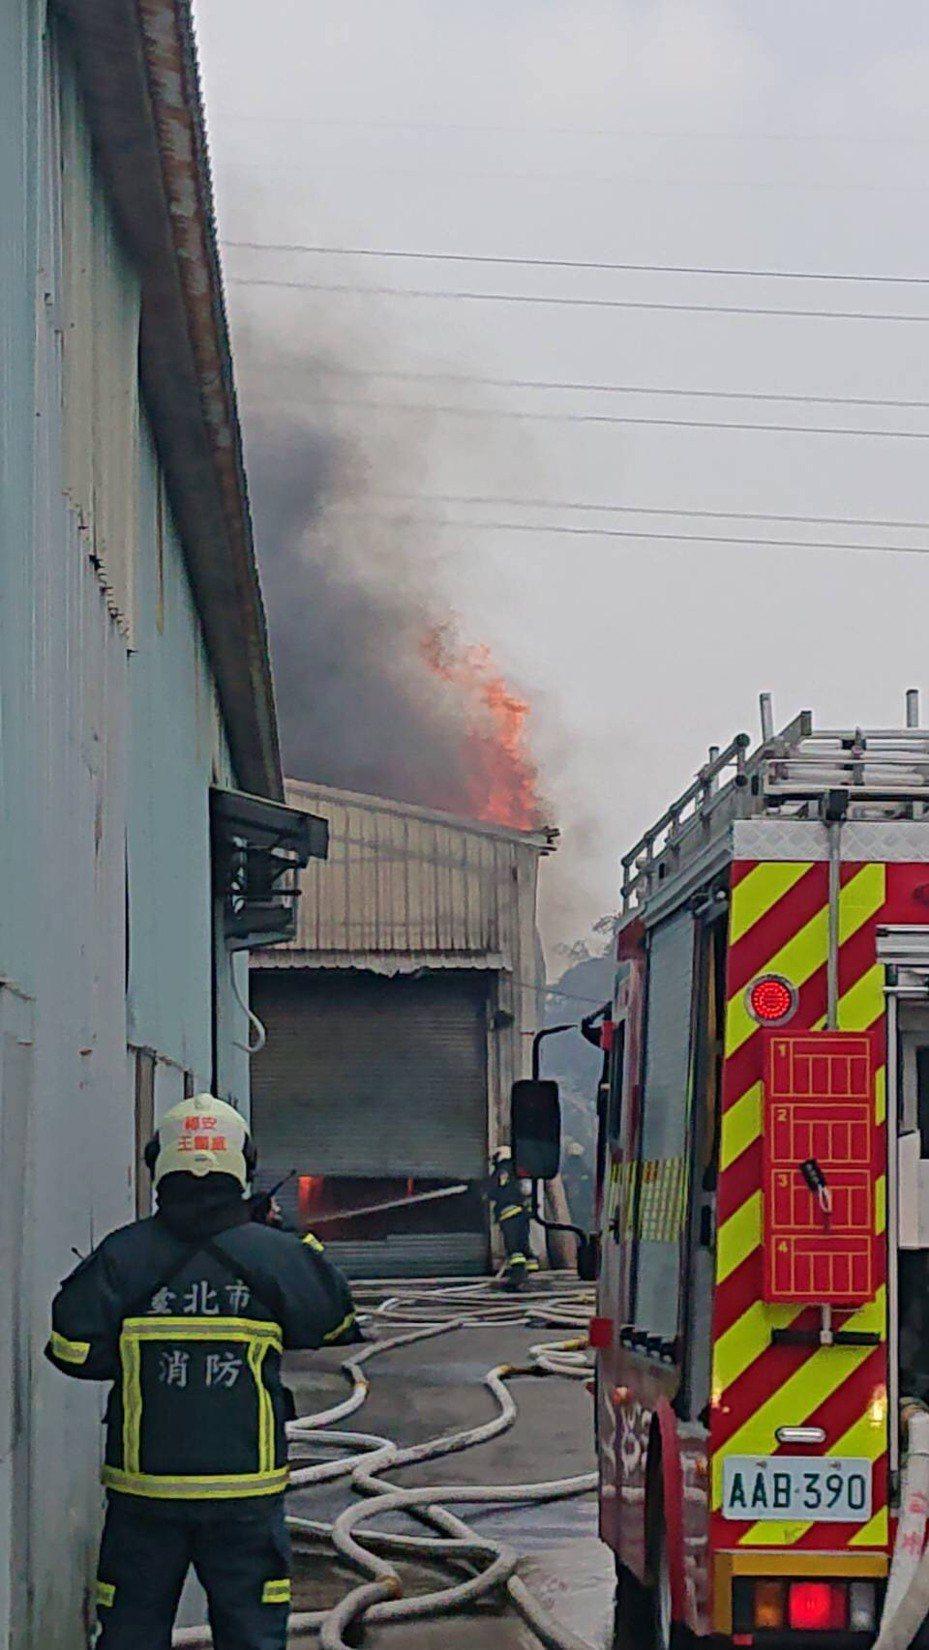 消防人員到場搶救。記者蕭雅娟/翻攝